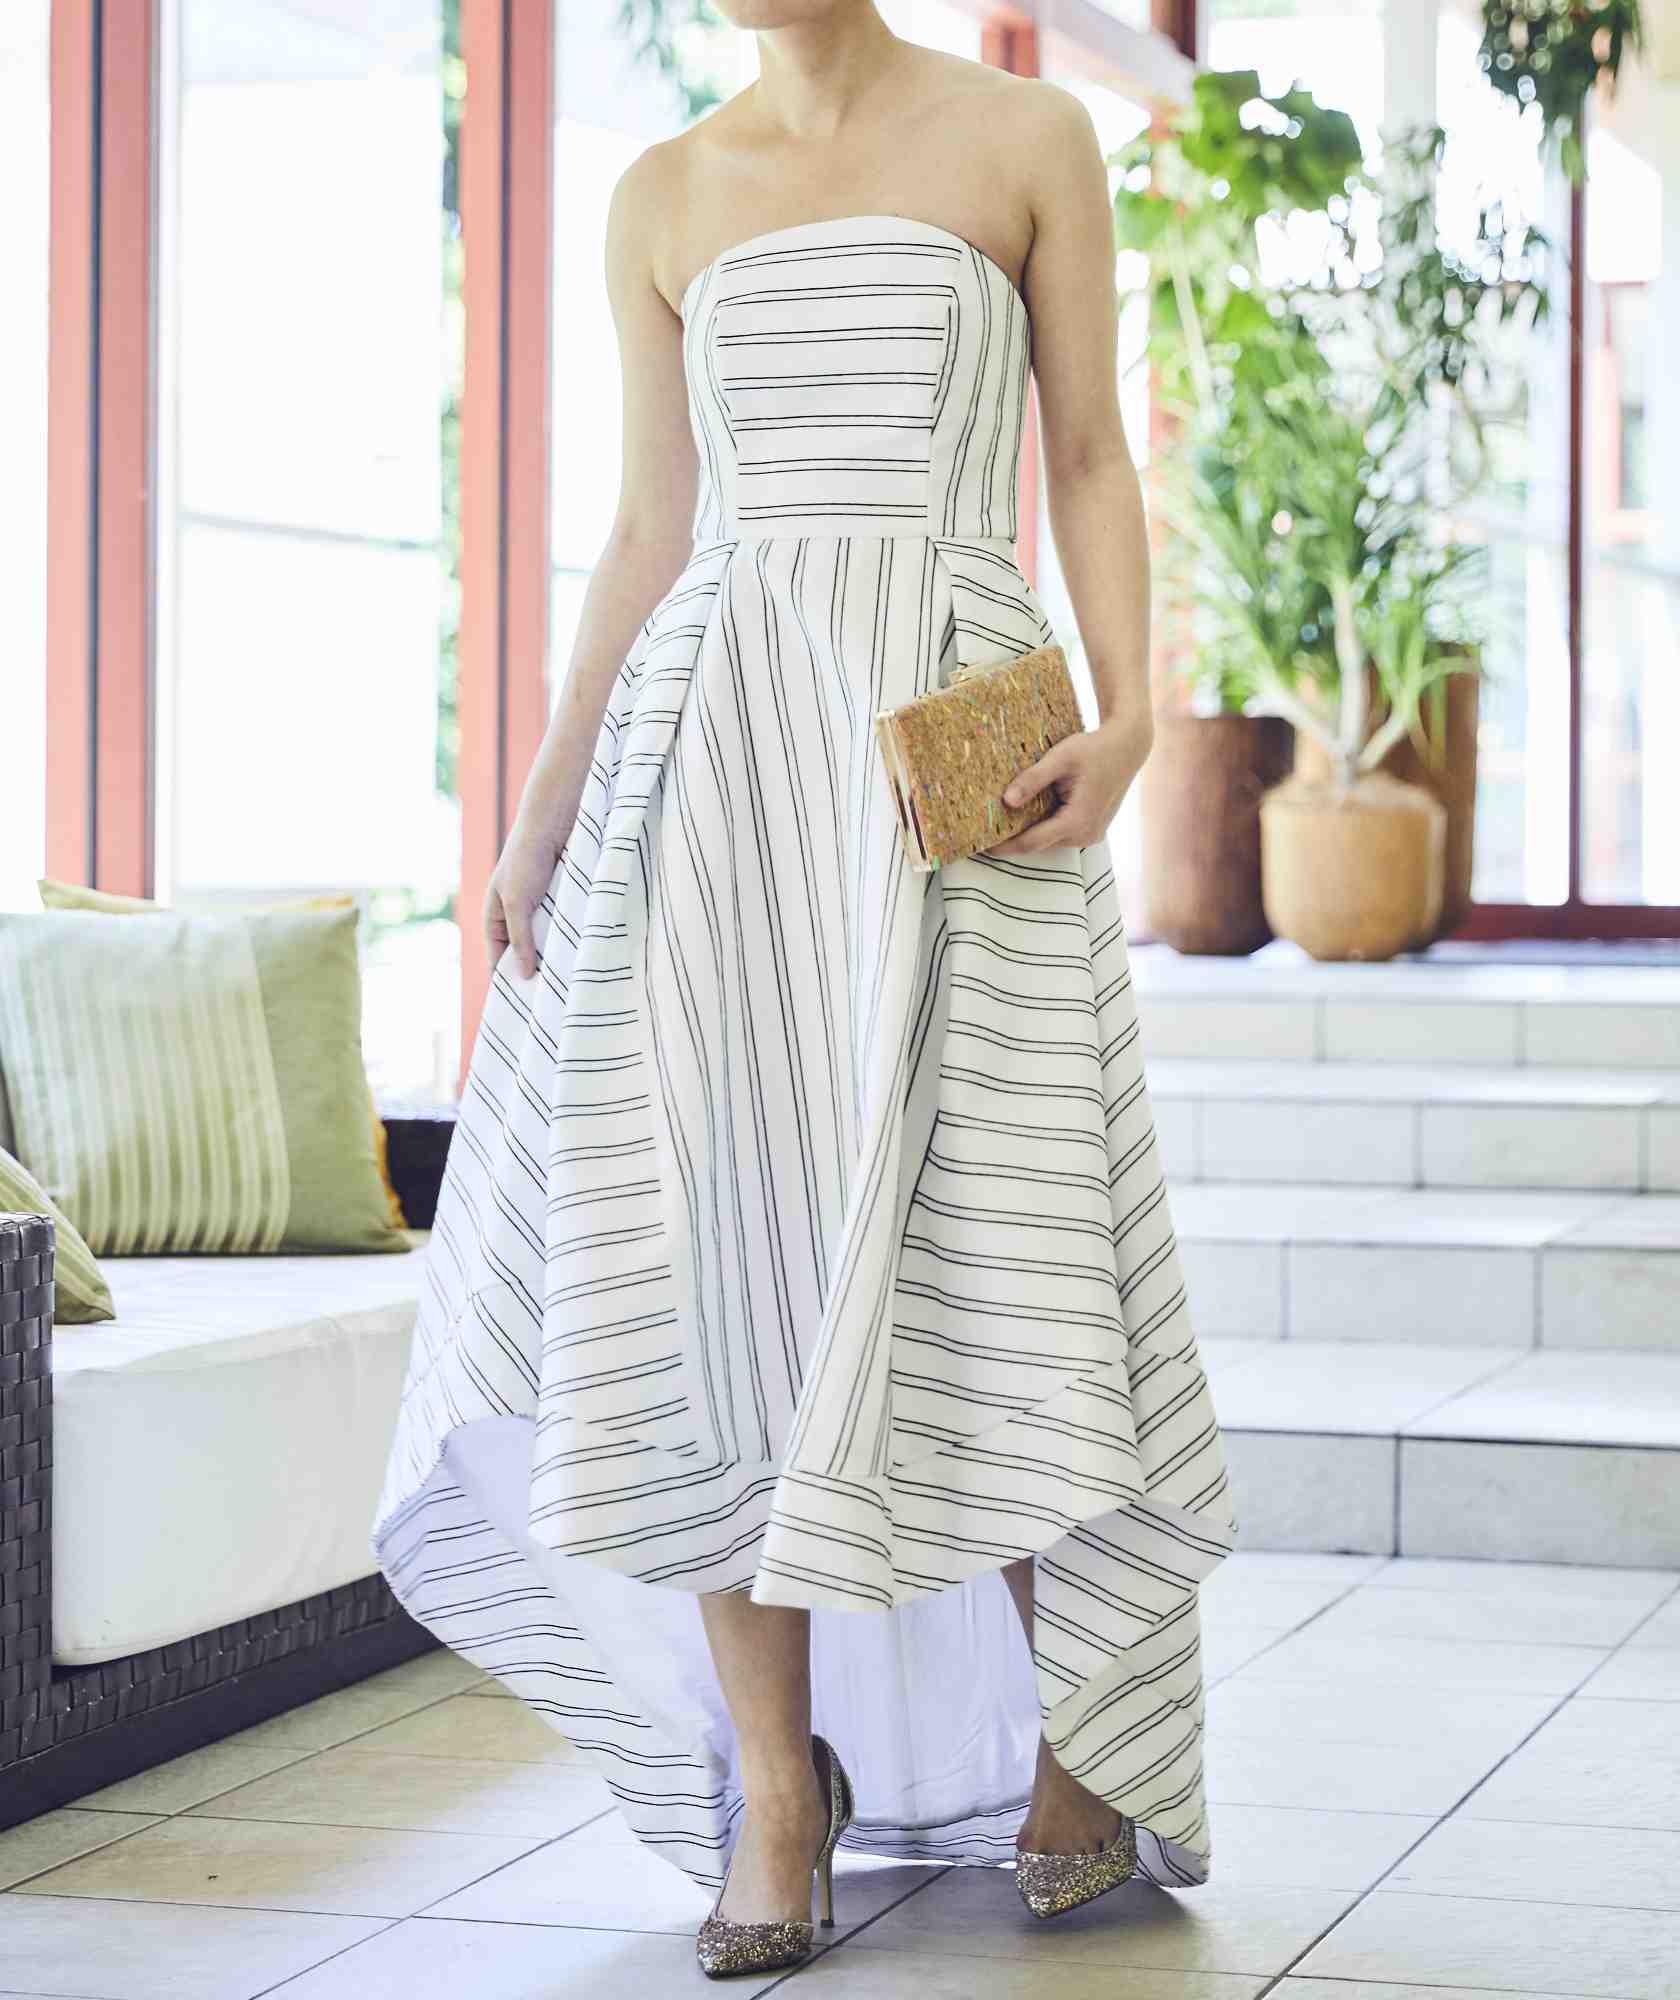 ボリュームラインカラーベアロングテールミディアムドレス-ホワイト-XS